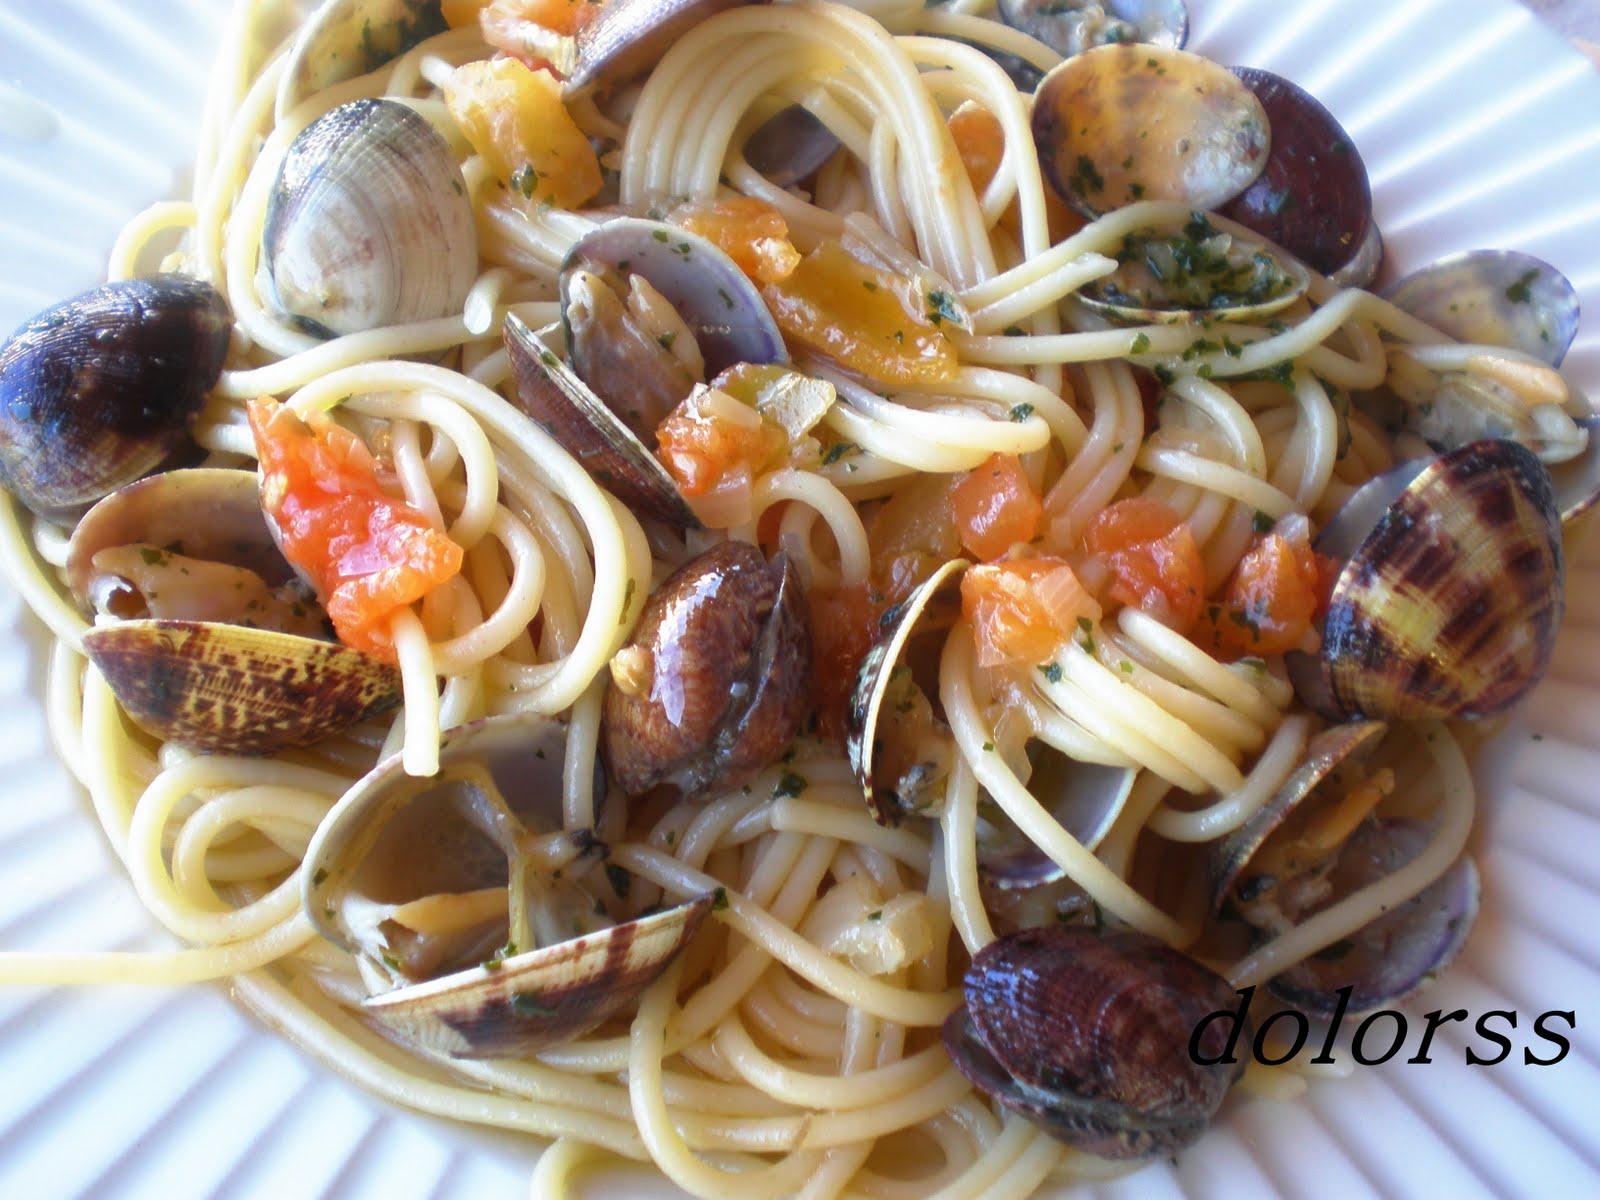 Blog de cuina de la dolorss espaguetis con almejas - Espaguetis con almejas ...